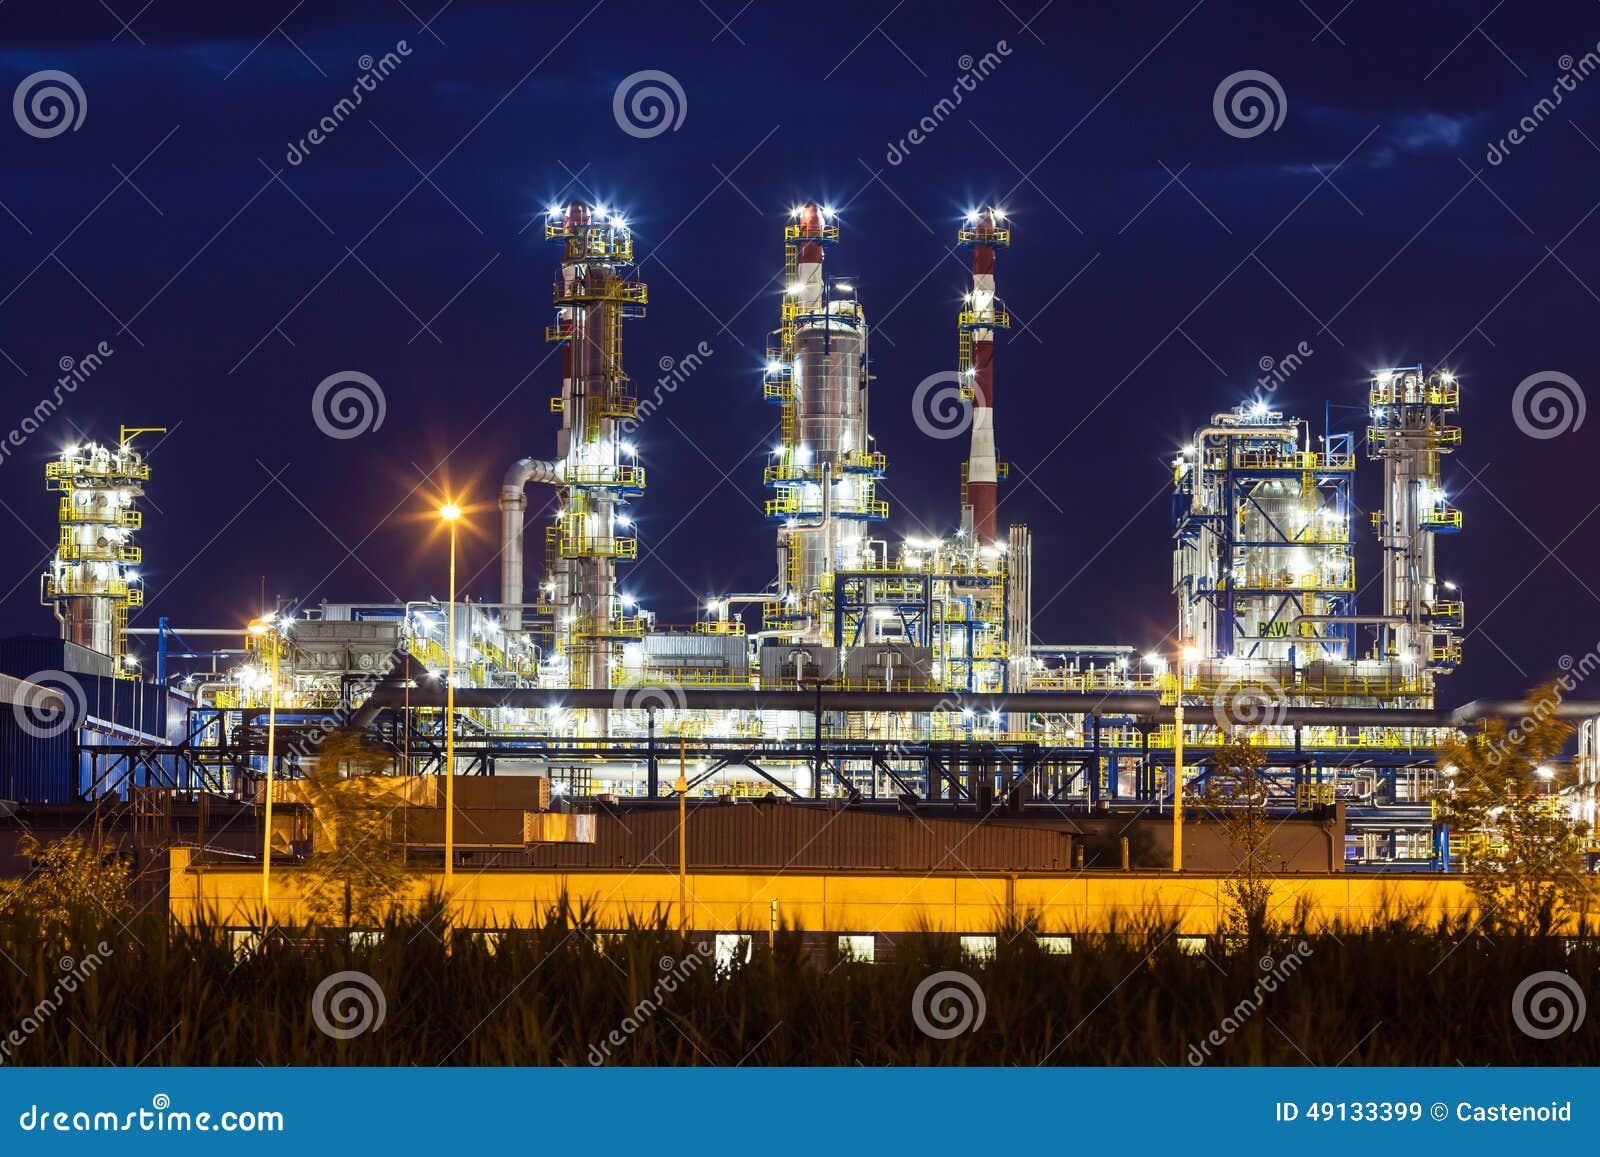 La pianta petrochimica della raffineria di petrolio splende